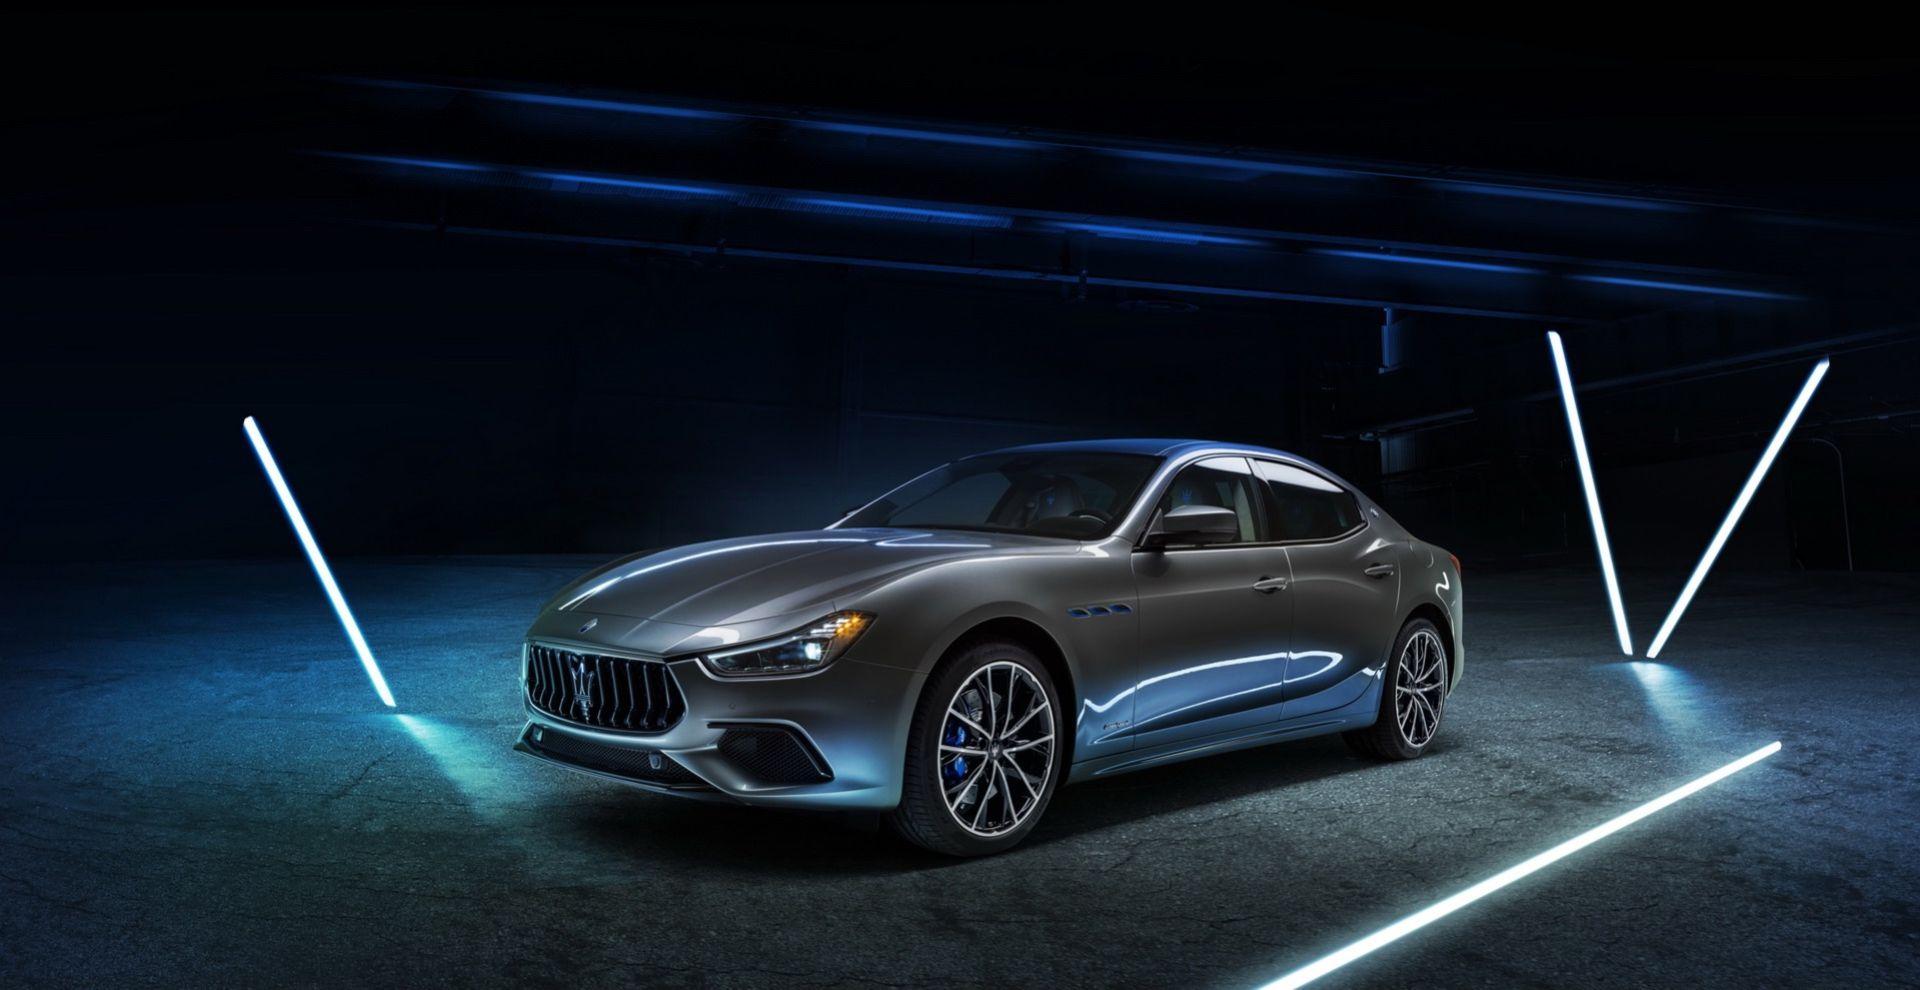 Det här är uppdaterade Maserati Ghibli